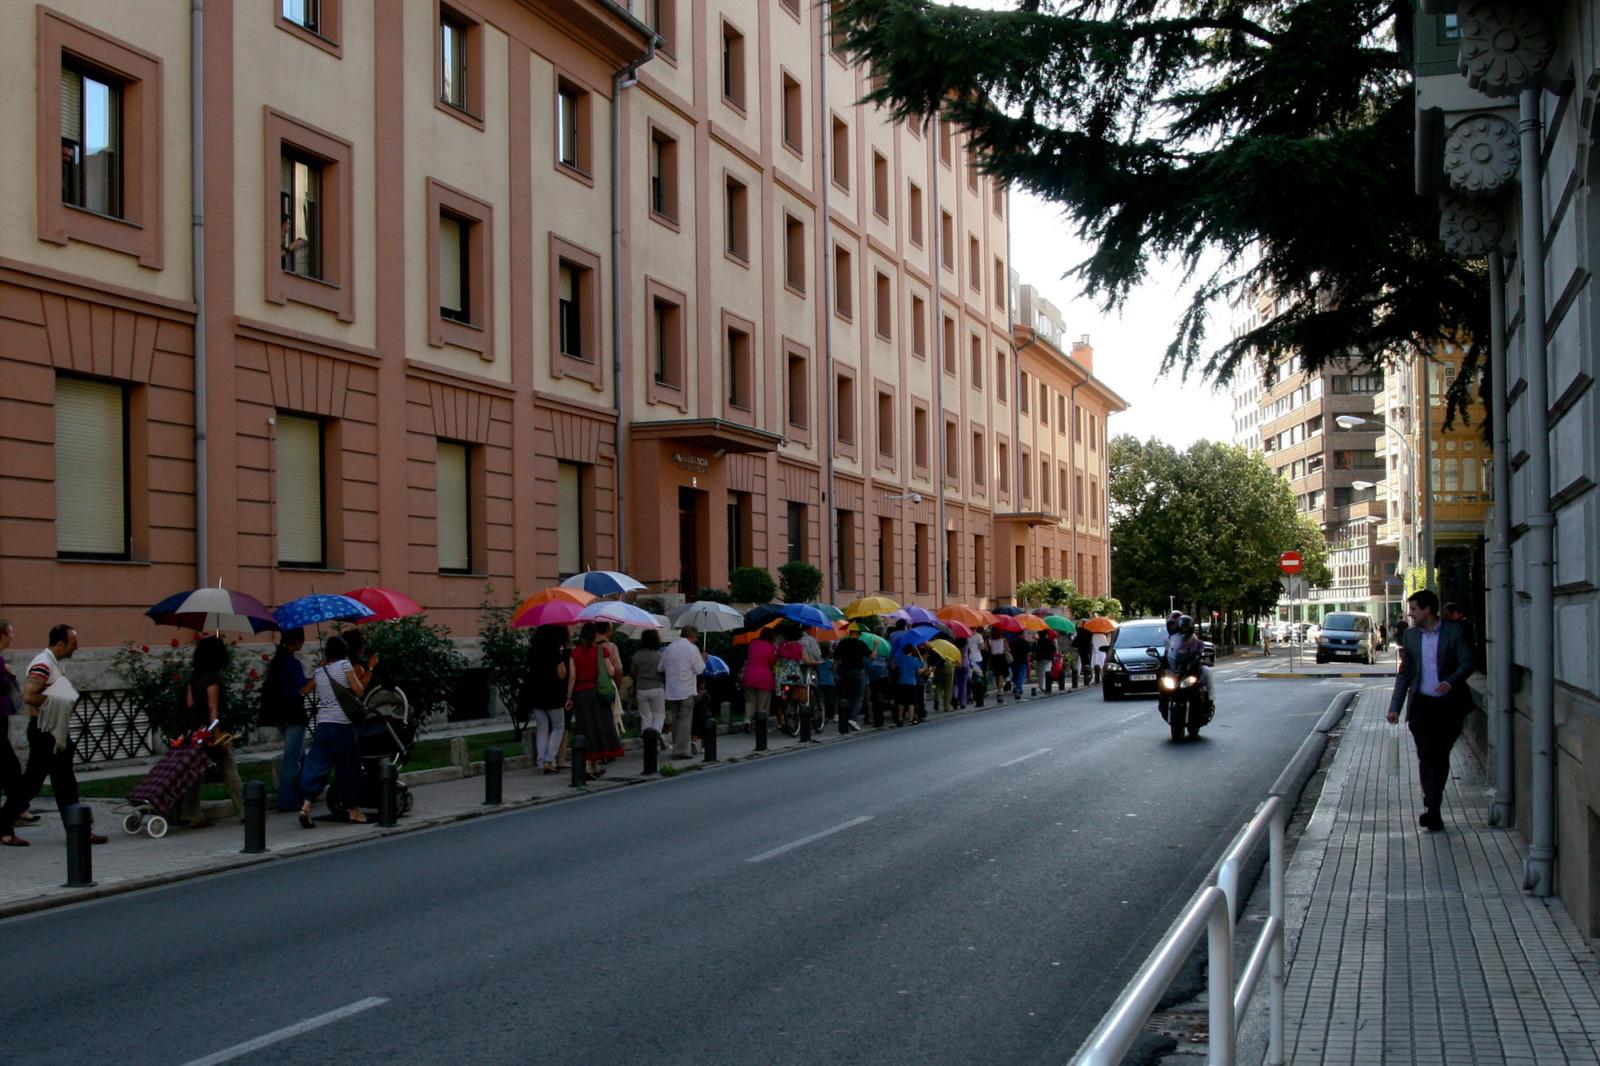 Marcha de los Paraguas Colectivos, La Muralla Nómada, participatory performance, Pamplona, Spain, 2011